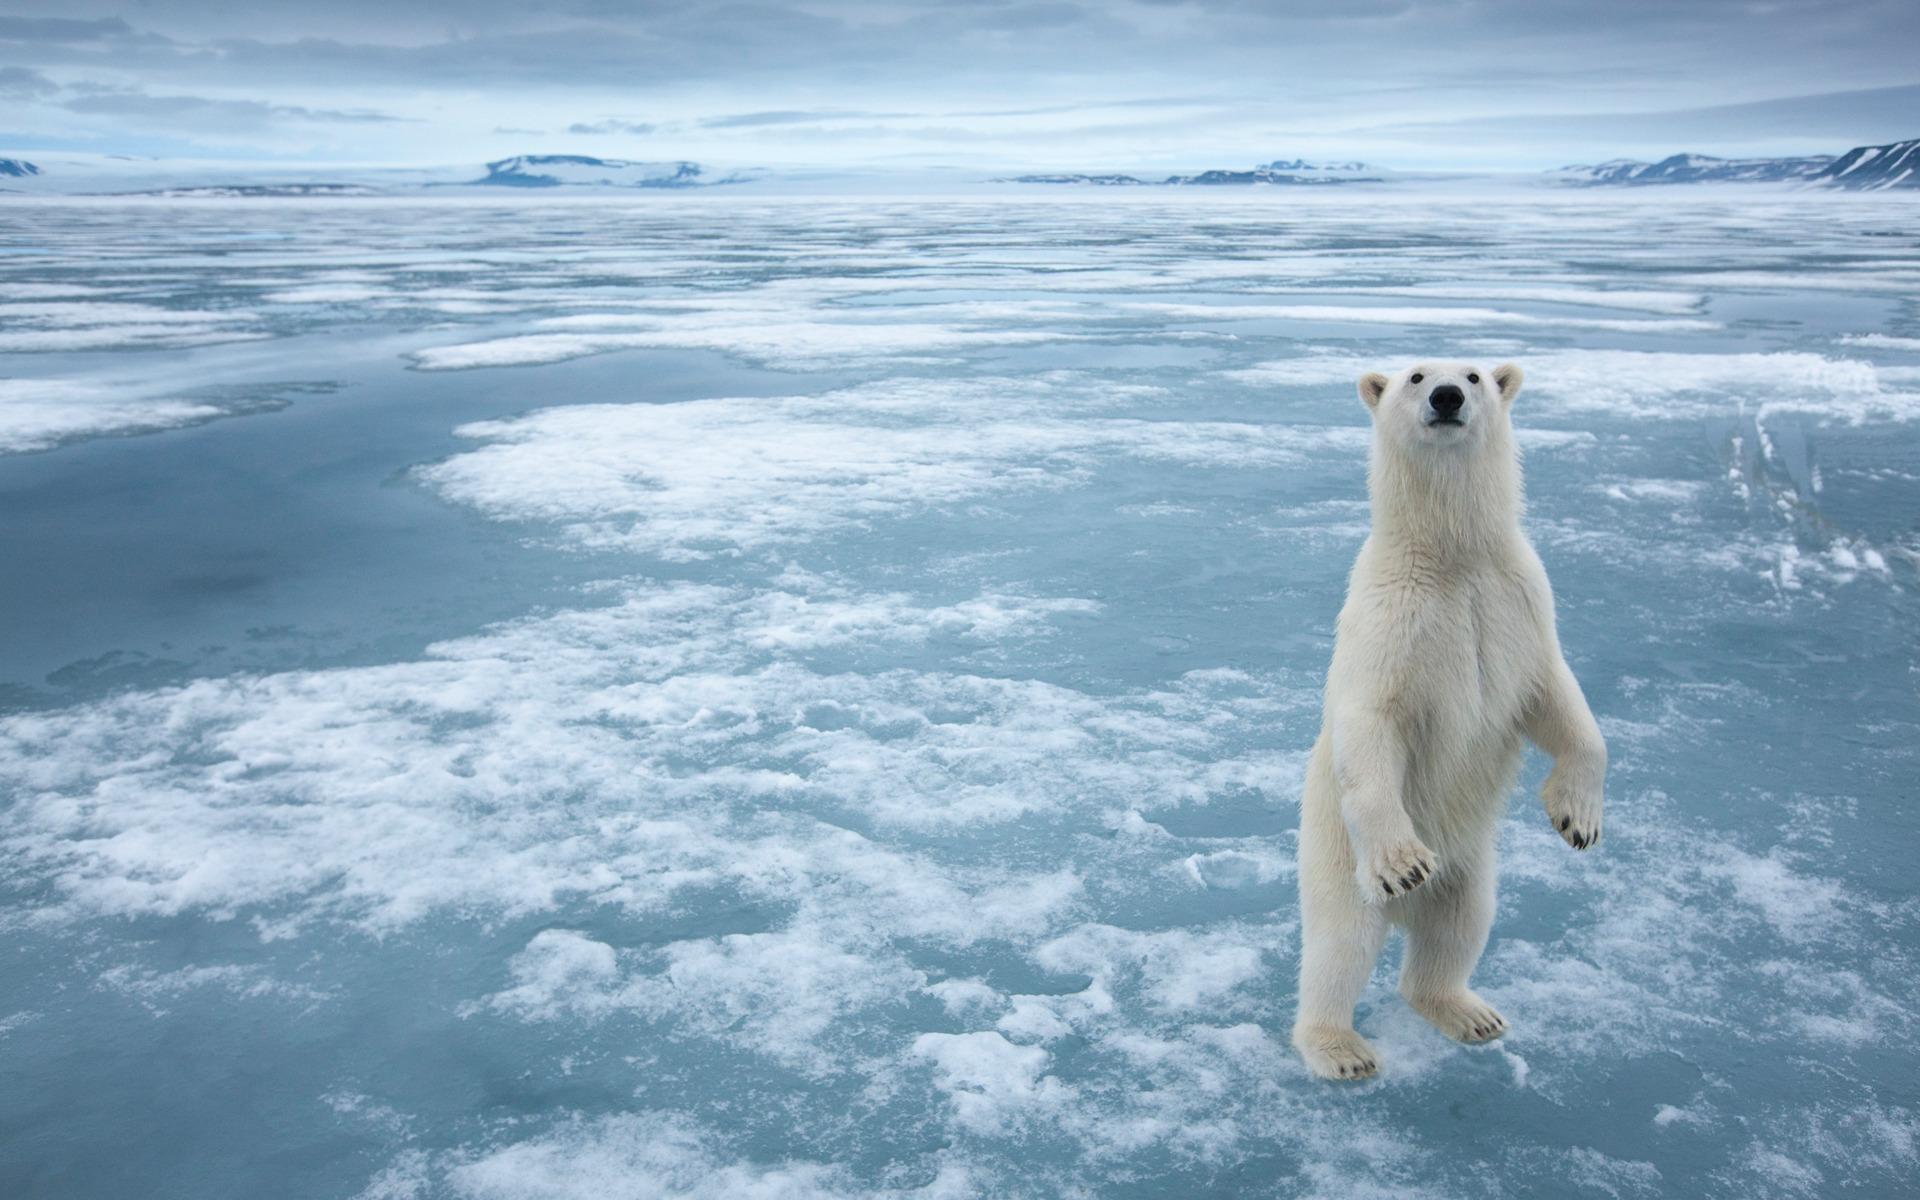 подскажите, пожалуйста, медведь белый полярный фотообои квартал станет